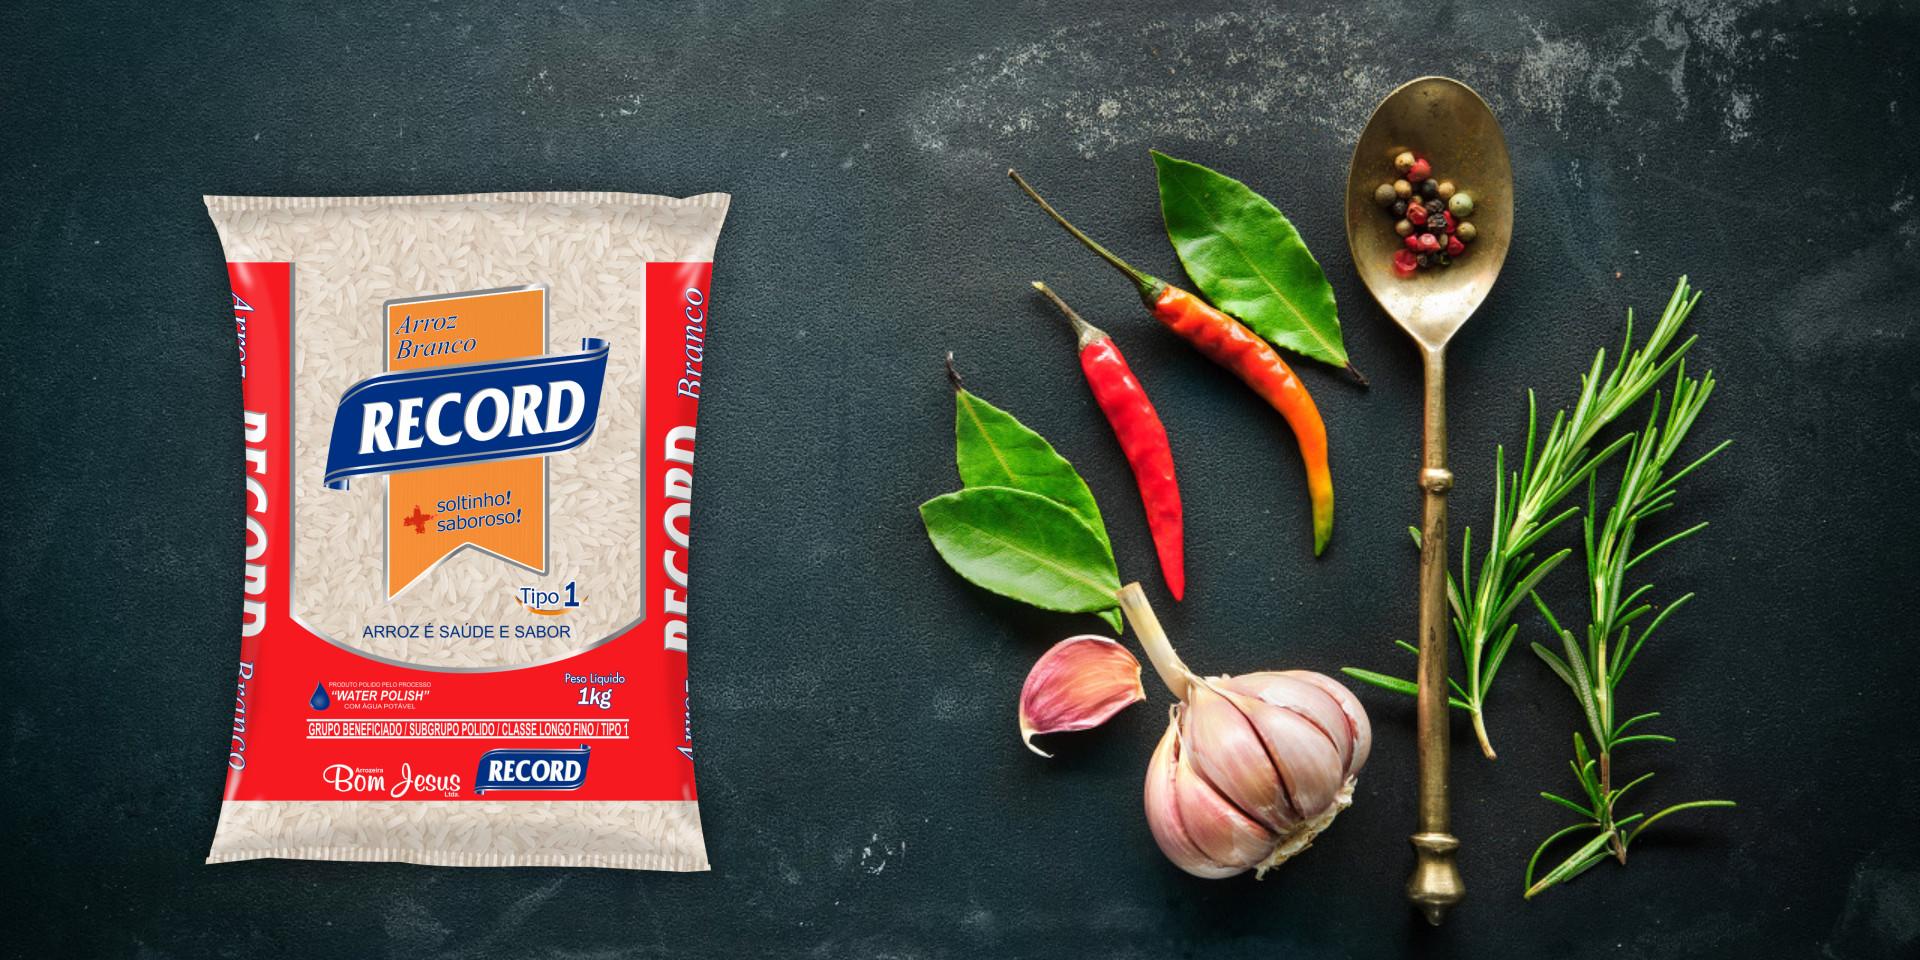 Imagem de fundo mostra as embalagens do arroz branco Record, pimentas, alho e uma colher